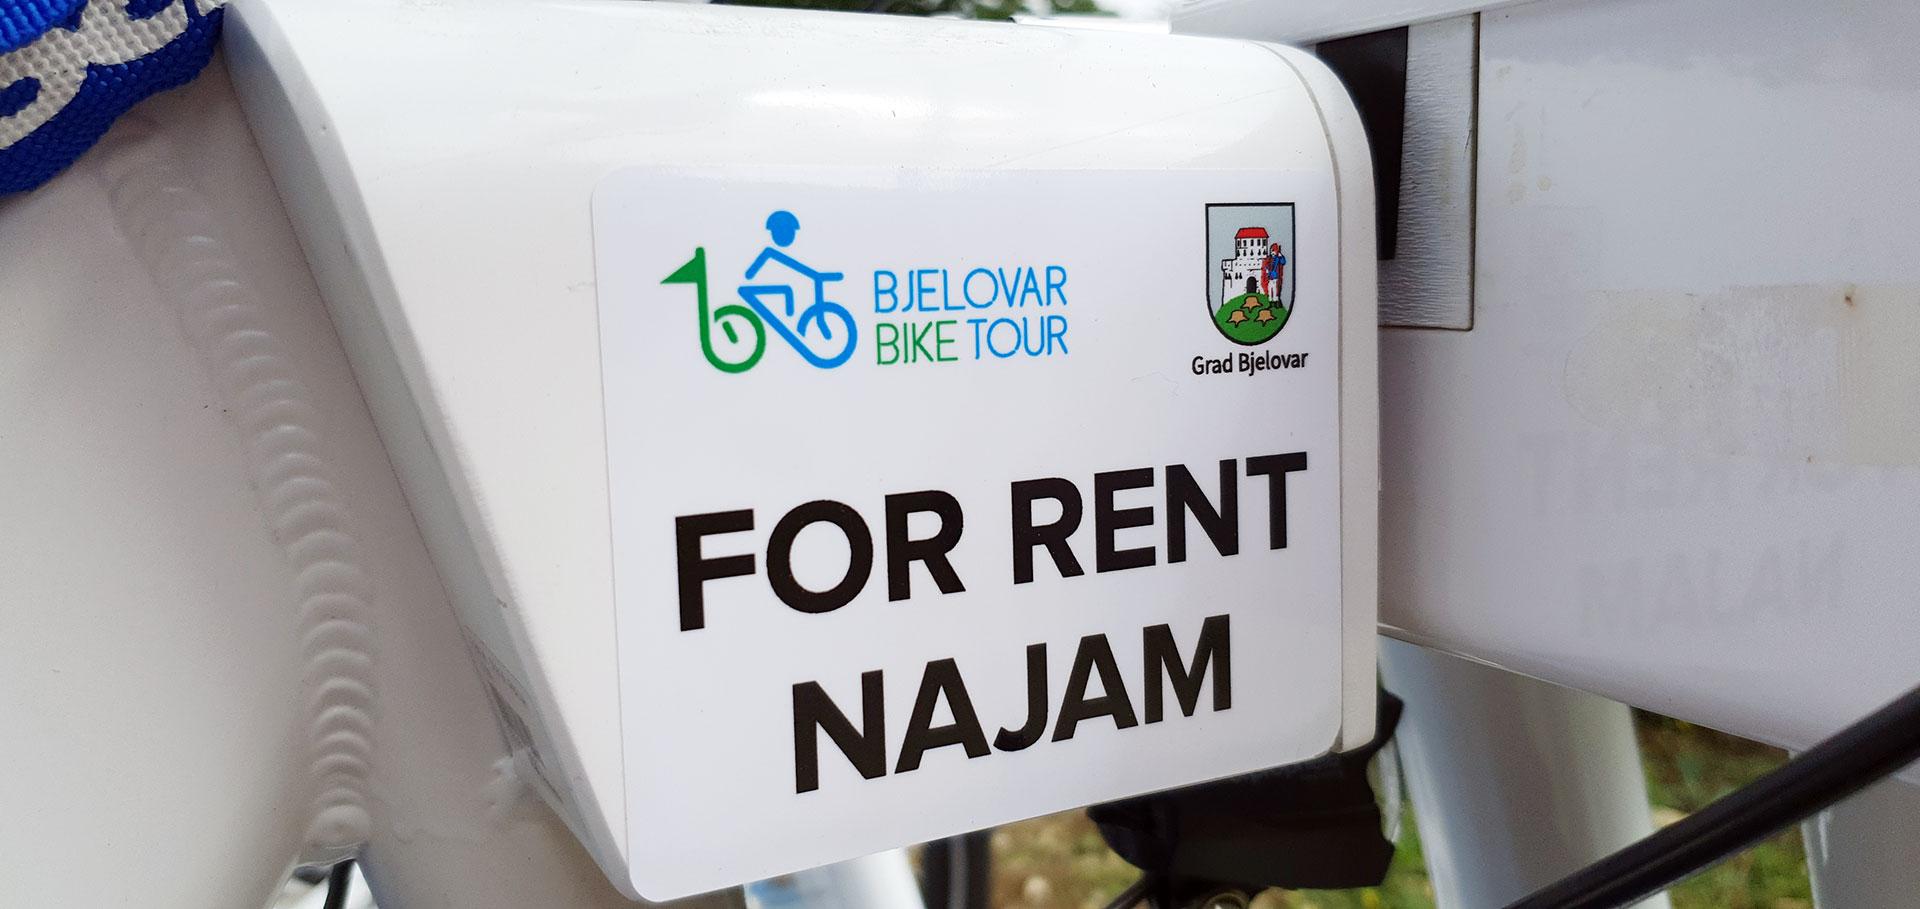 Bjelovarčanima dostupni e-bicikli za iznajmljivanje